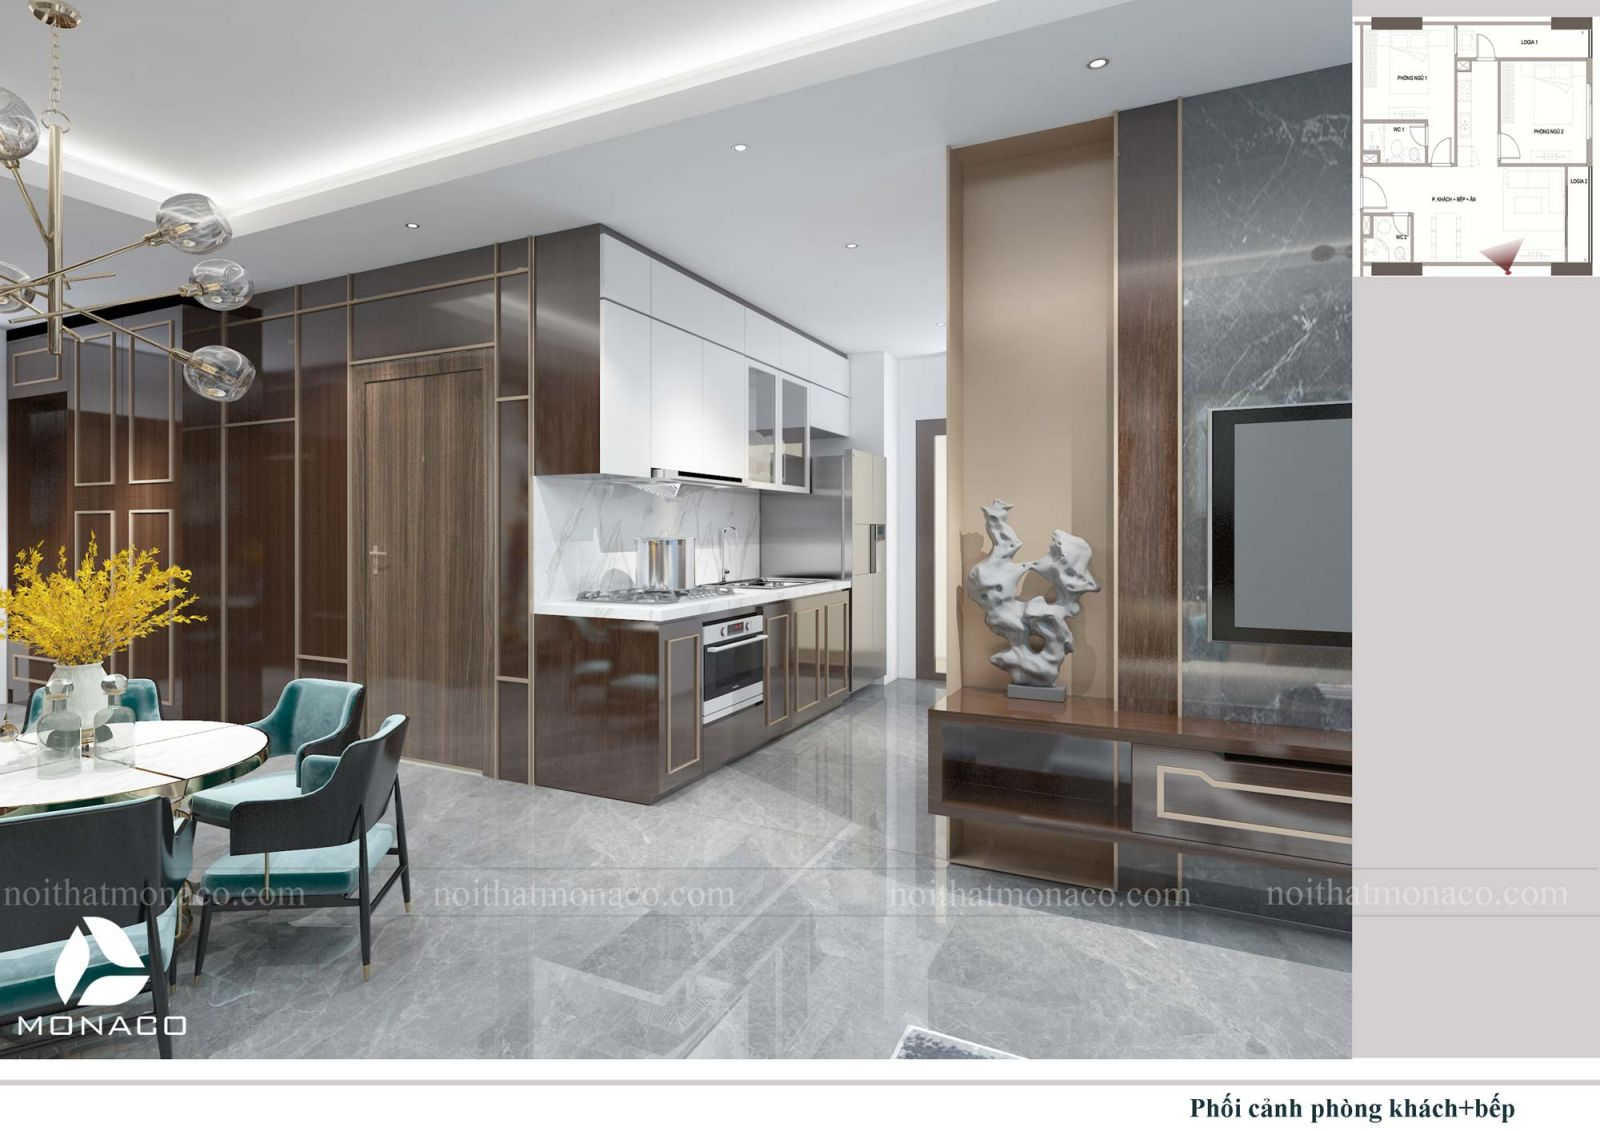 Thiết kế nội thất phòng khách + bêp chung cư rose tower 3